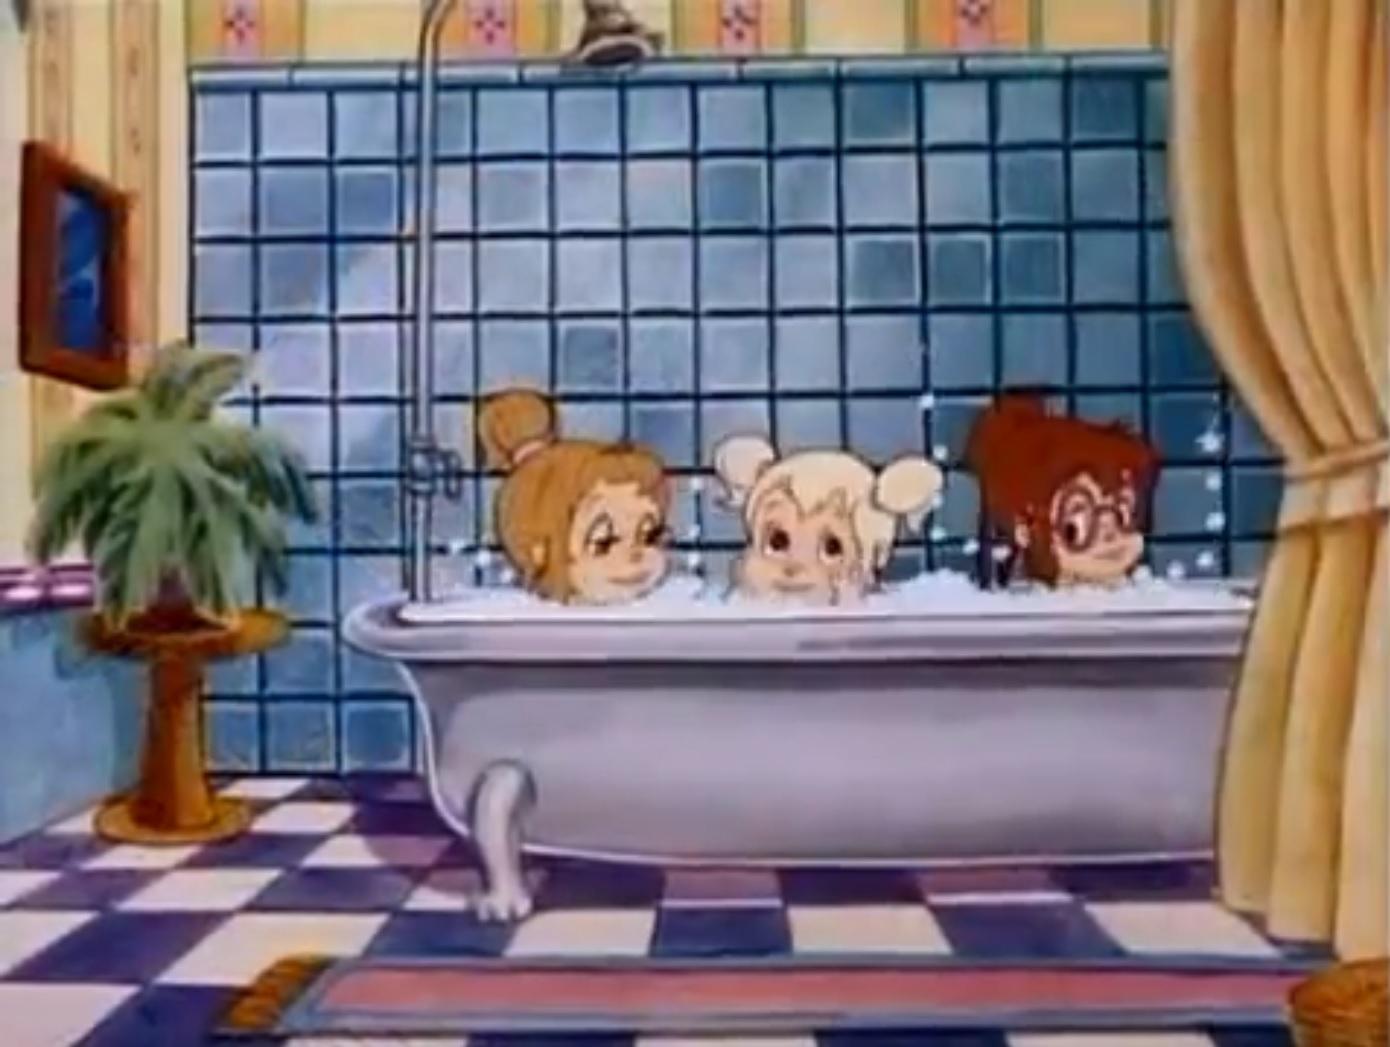 Clawfoot Bathtub/Scenes - Anime Bath Scene Wiki